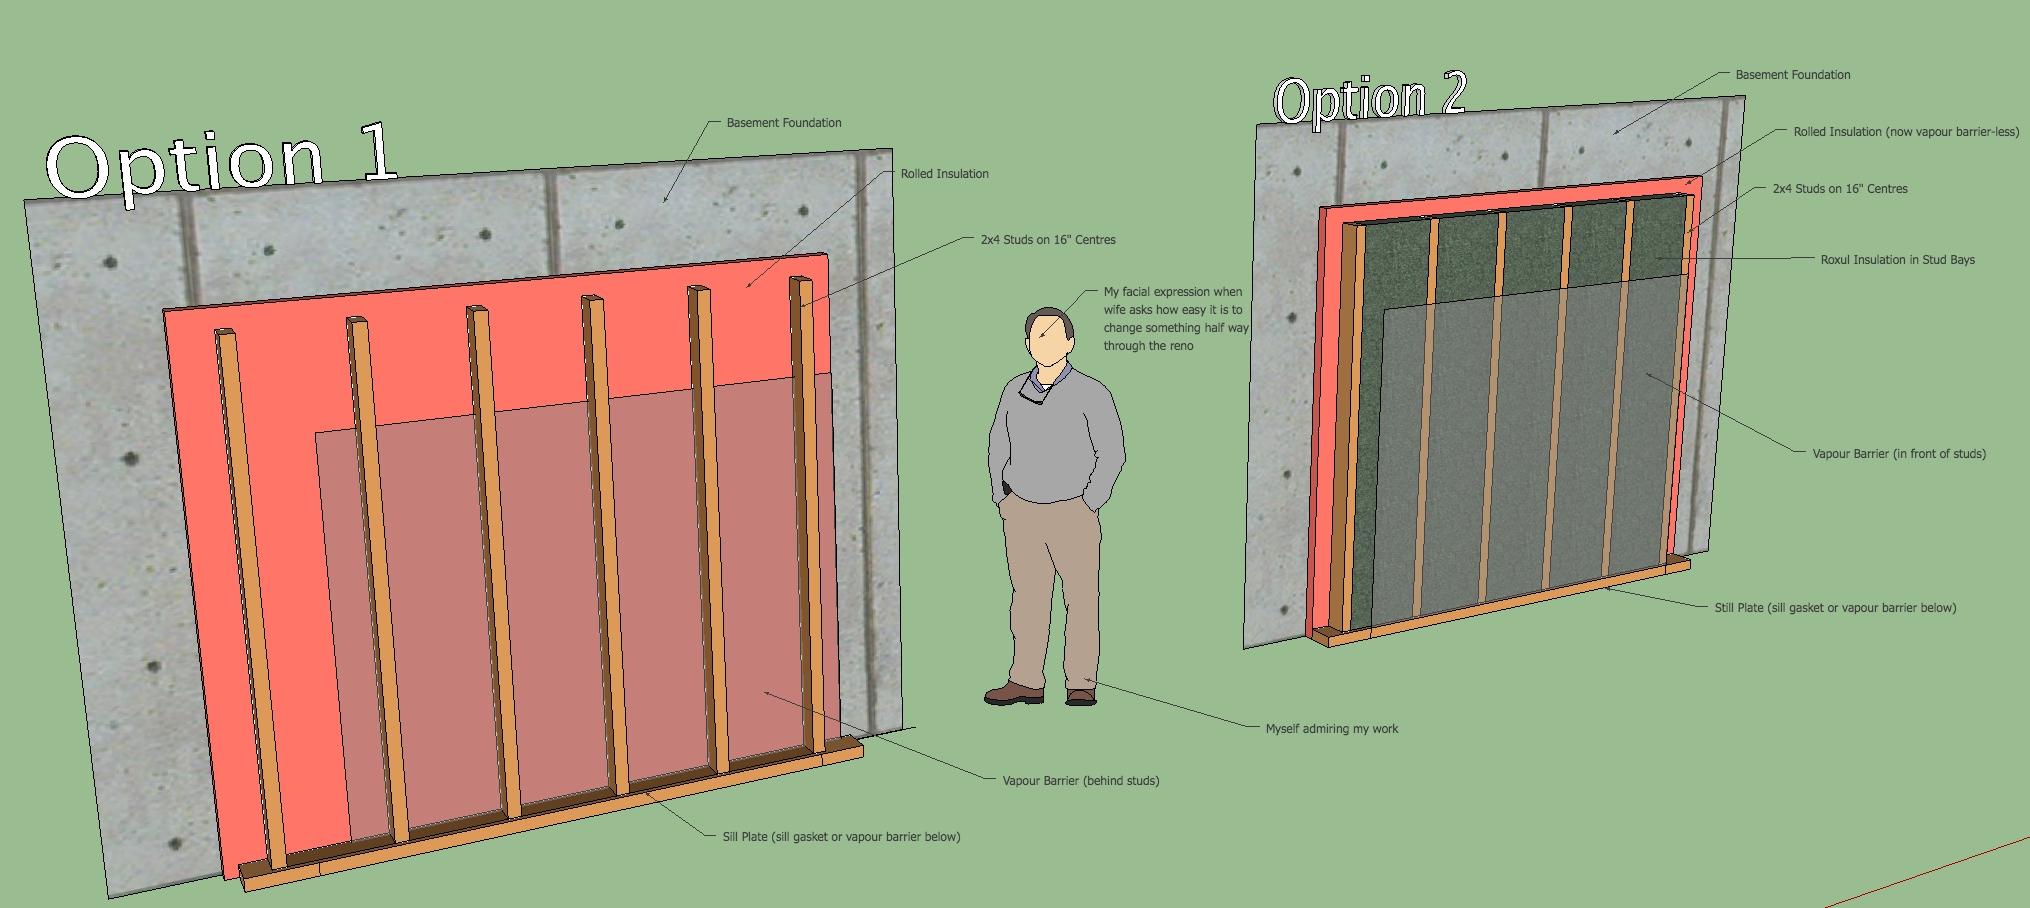 Insulating Basement Walls Vapour Barrier Insulating Basement Walls Vapour Barrier vapor barrier basement vapor barriers basement ceiling wall vapor 2030 X 908